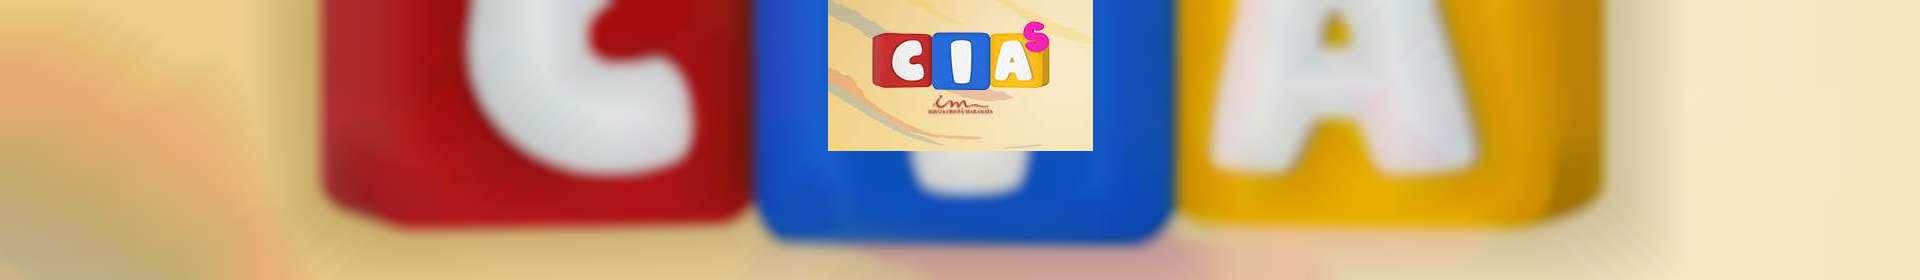 Aula de CIAS: classe de 3 a 7 anos - 16 de abril de 2020